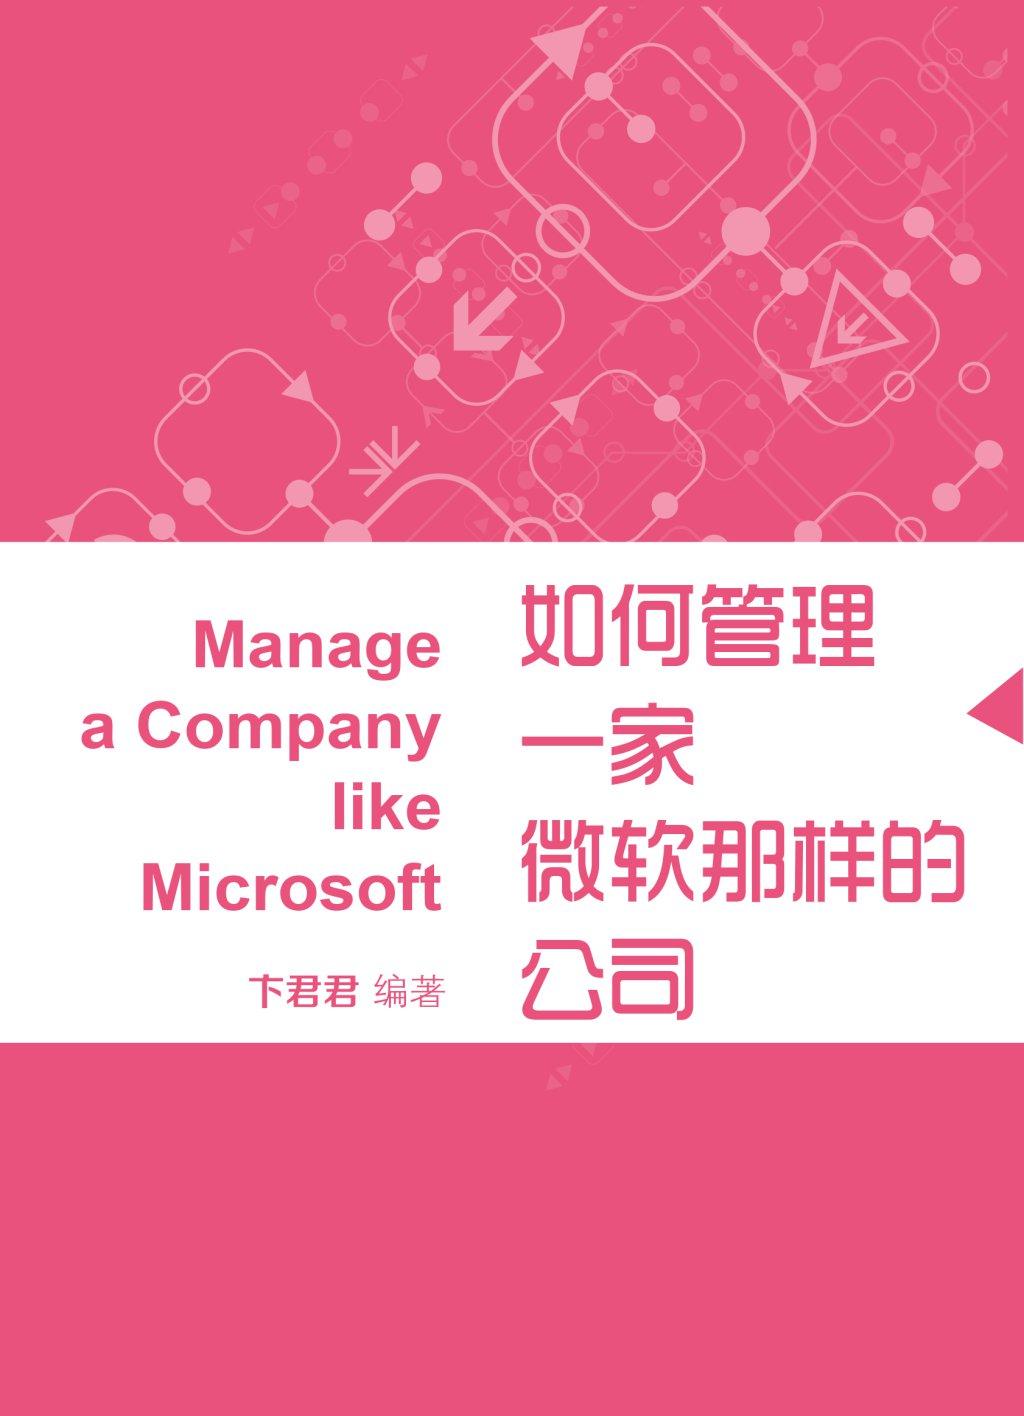 如何管理一家微软那样的公司(蓝狮子速读系列-管理041)